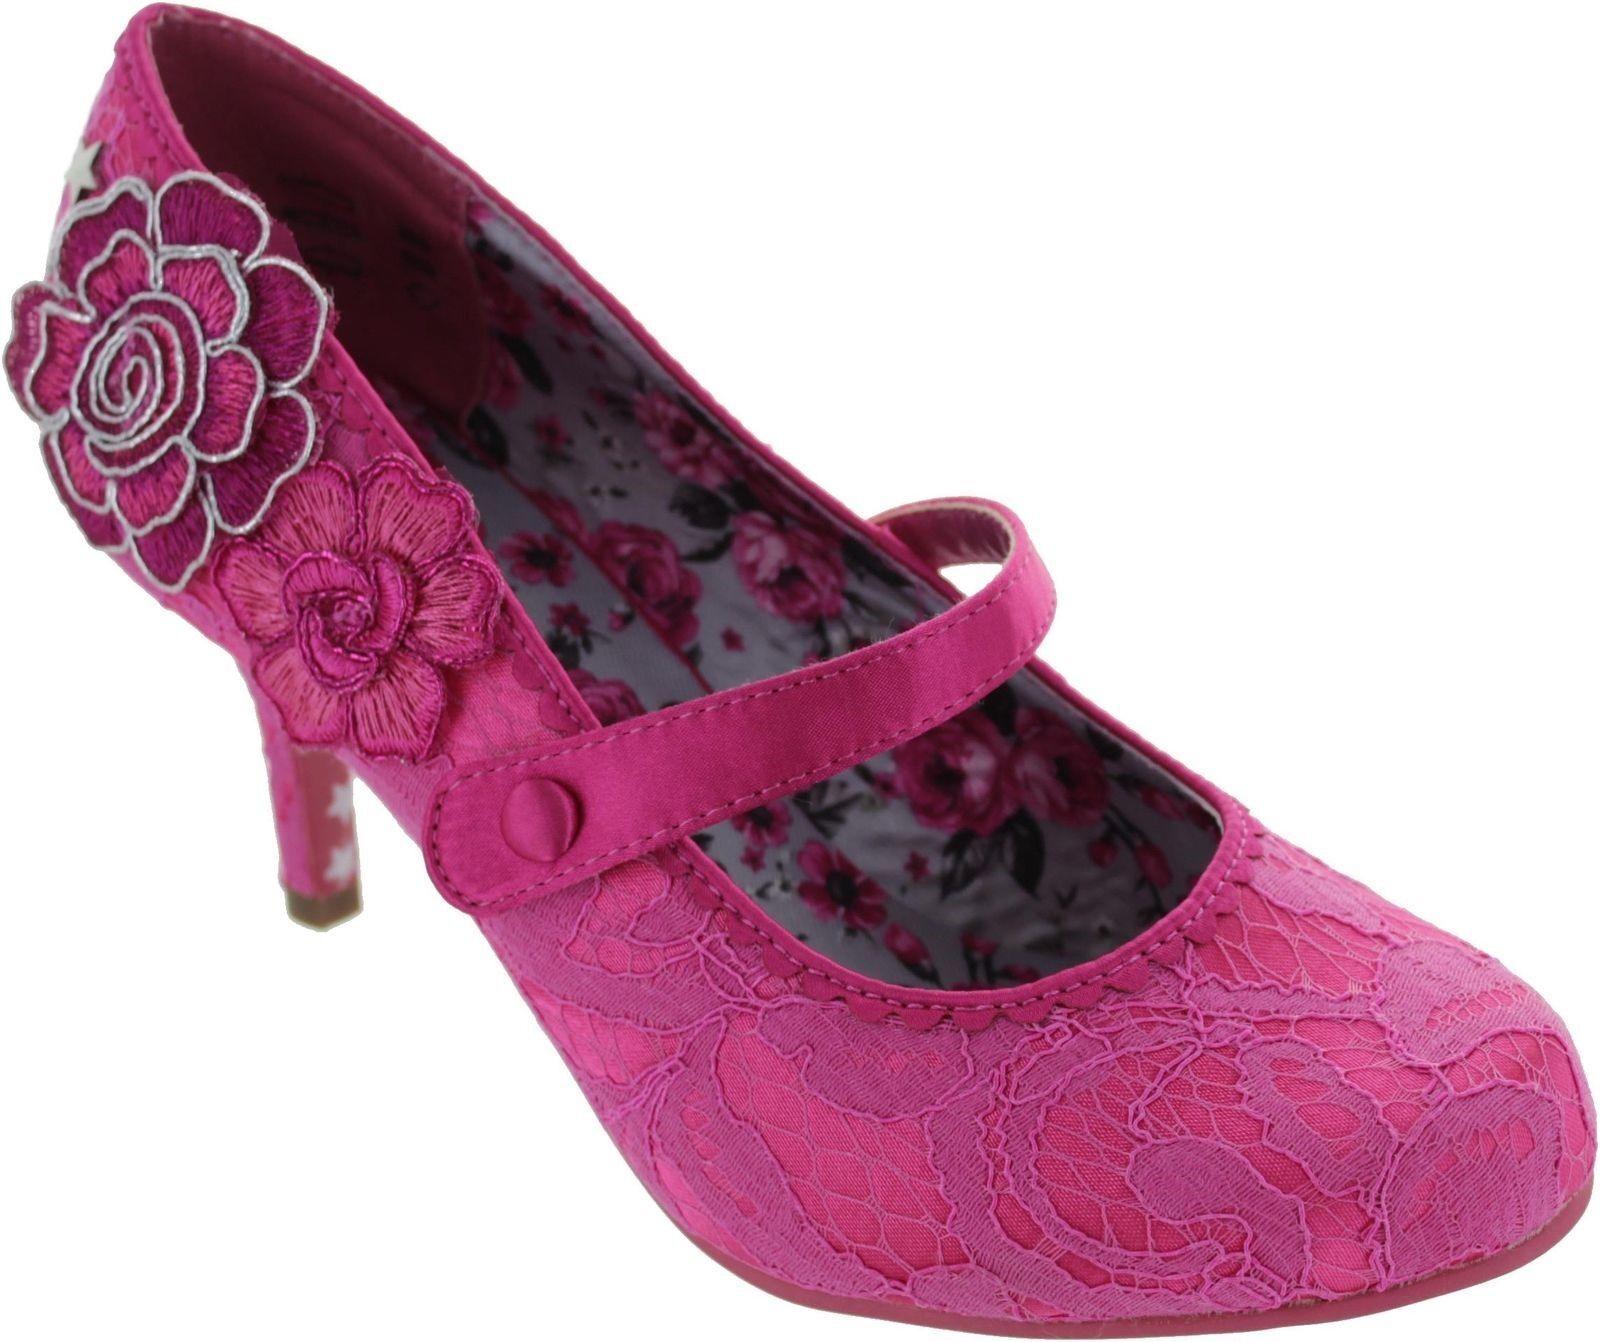 Joe marróns Couture Floozie Barra De Encaje Encaje Encaje rosado Mary Jane Zapatos UK 5  diseños exclusivos